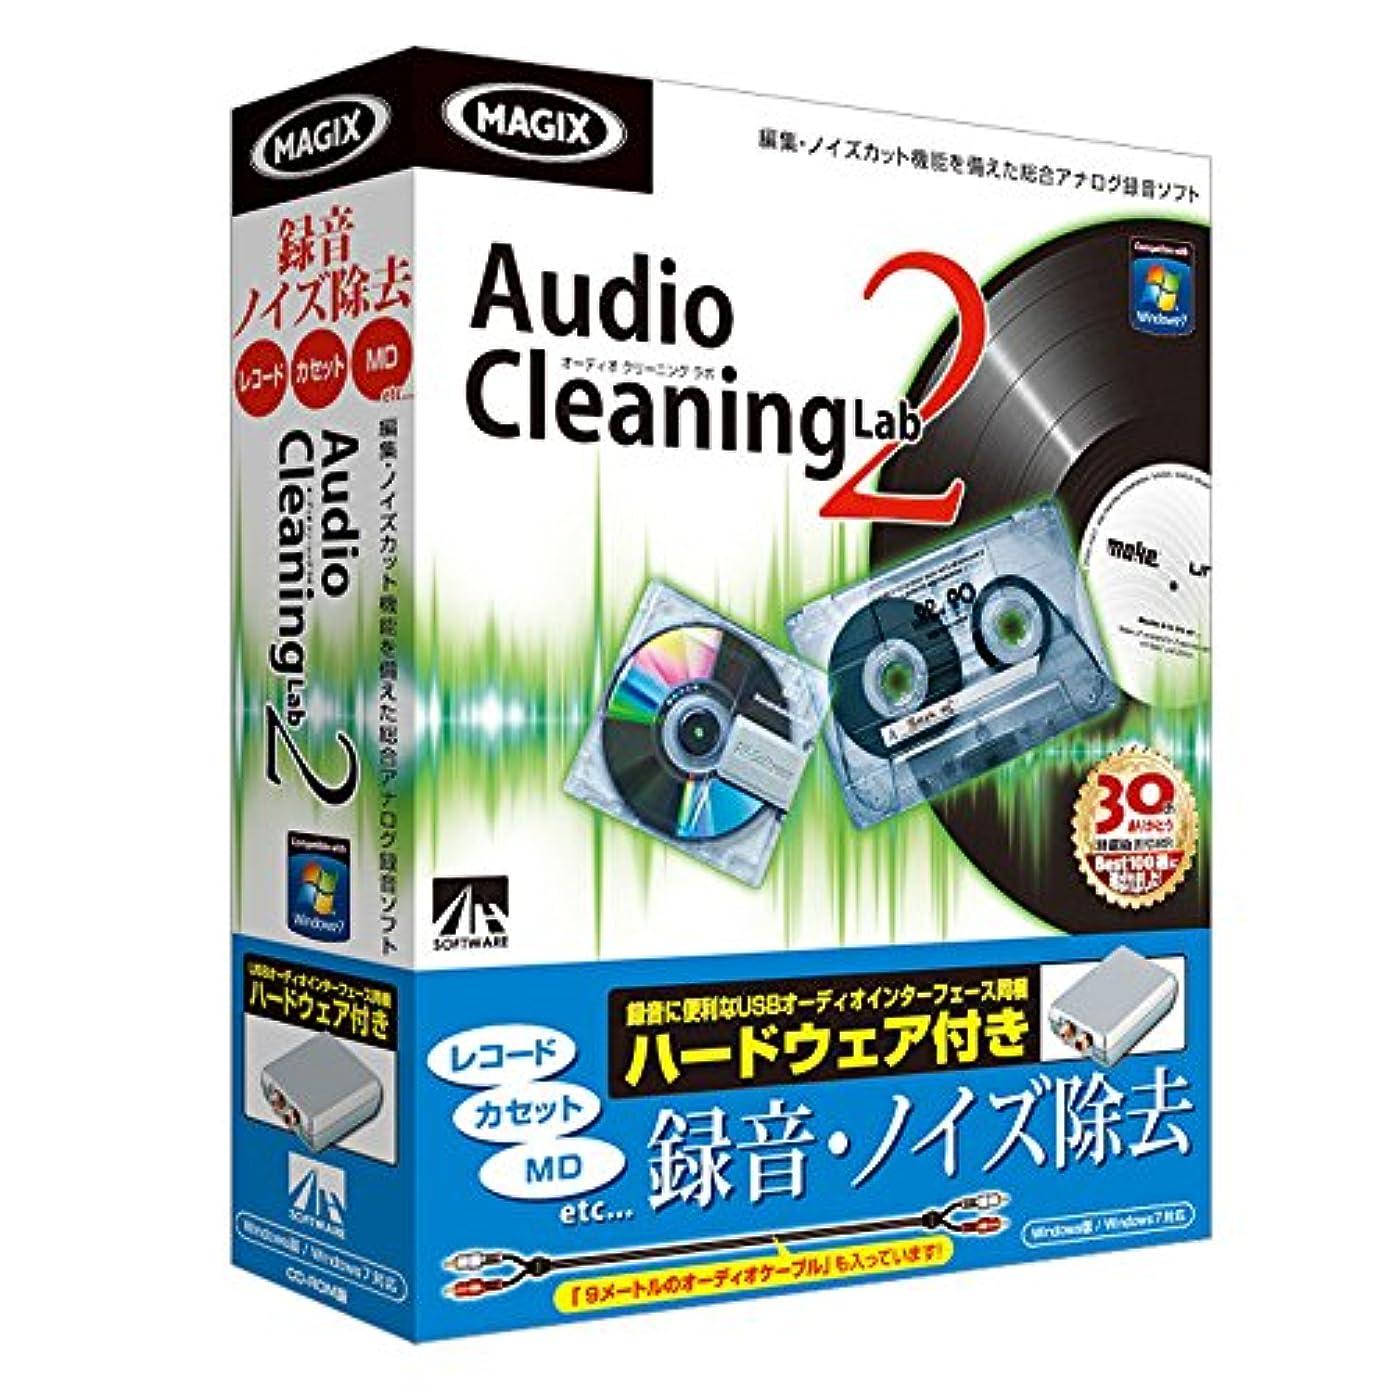 アニメーションいたずらな非効率的なAudio Cleaning Lab 2 ハードウェア付き